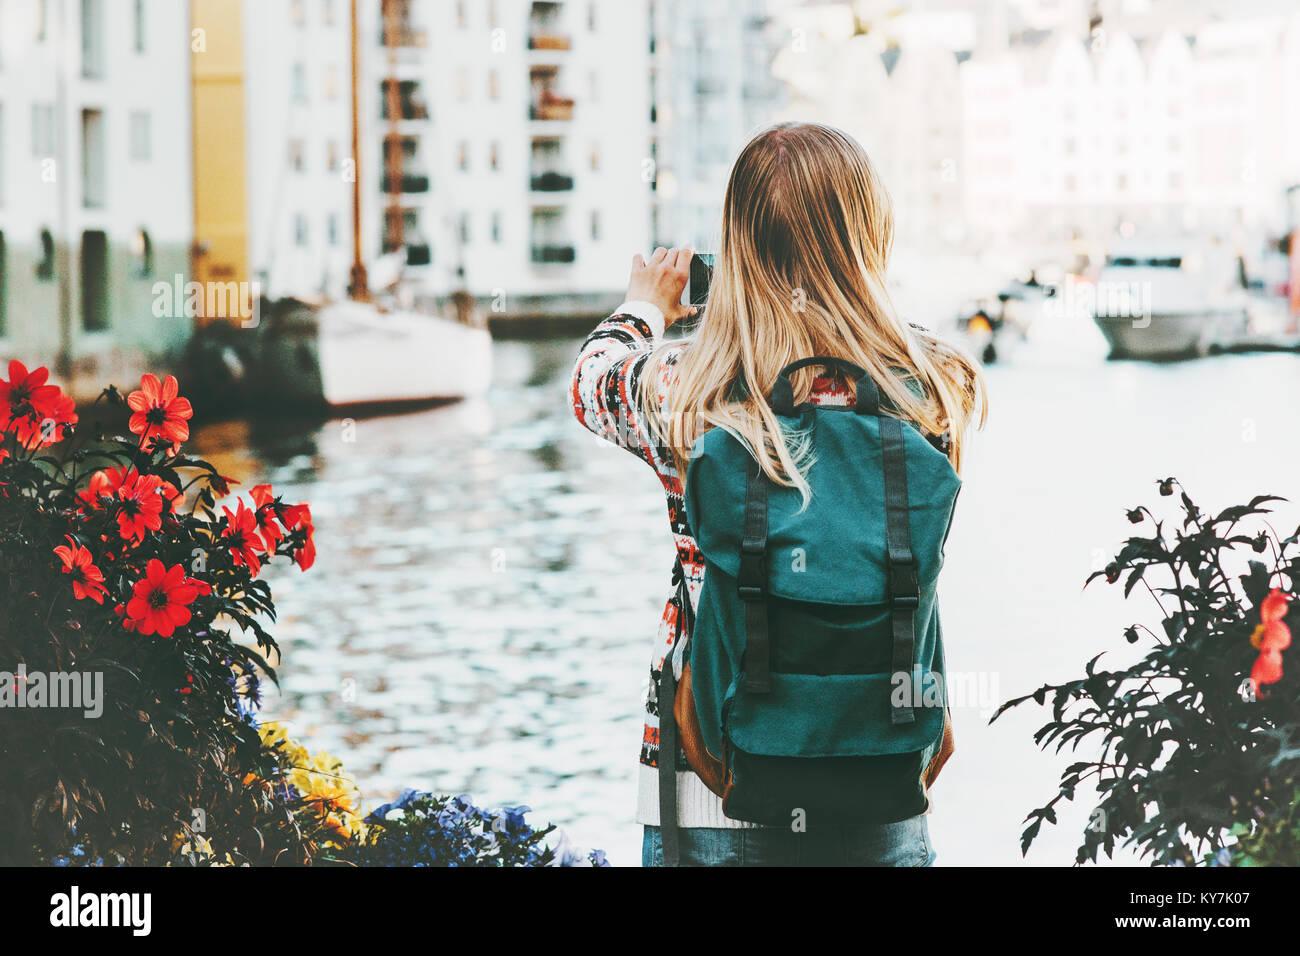 3ba2353a3f Sac à dos femme marche dans la ville de vacances Norvège Alesund Voyage de  fin de vie en plein air de la mode